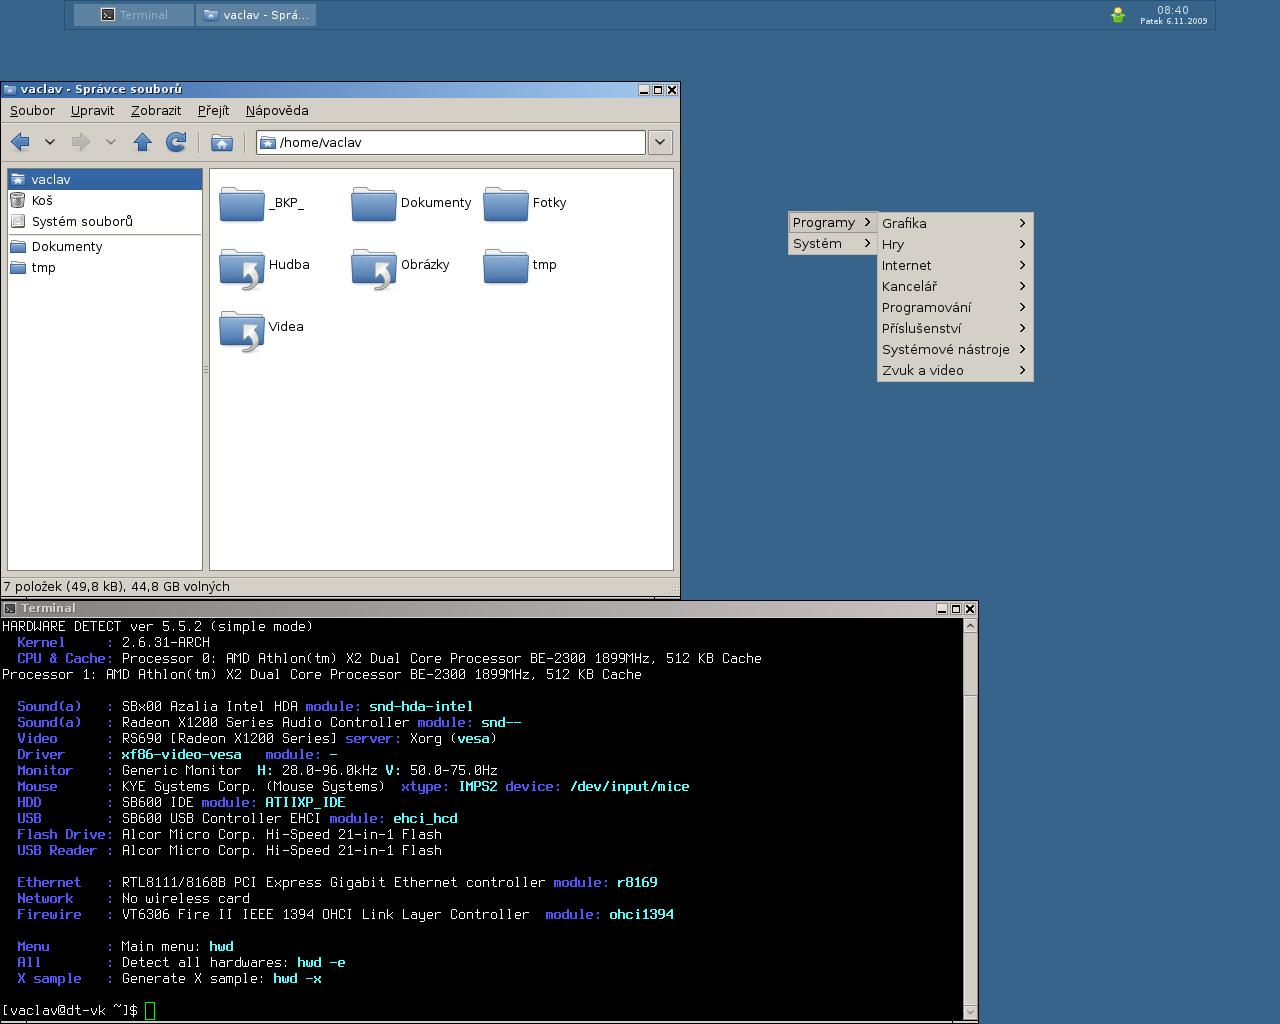 Openbox & Tint2 @ Arch - desktop